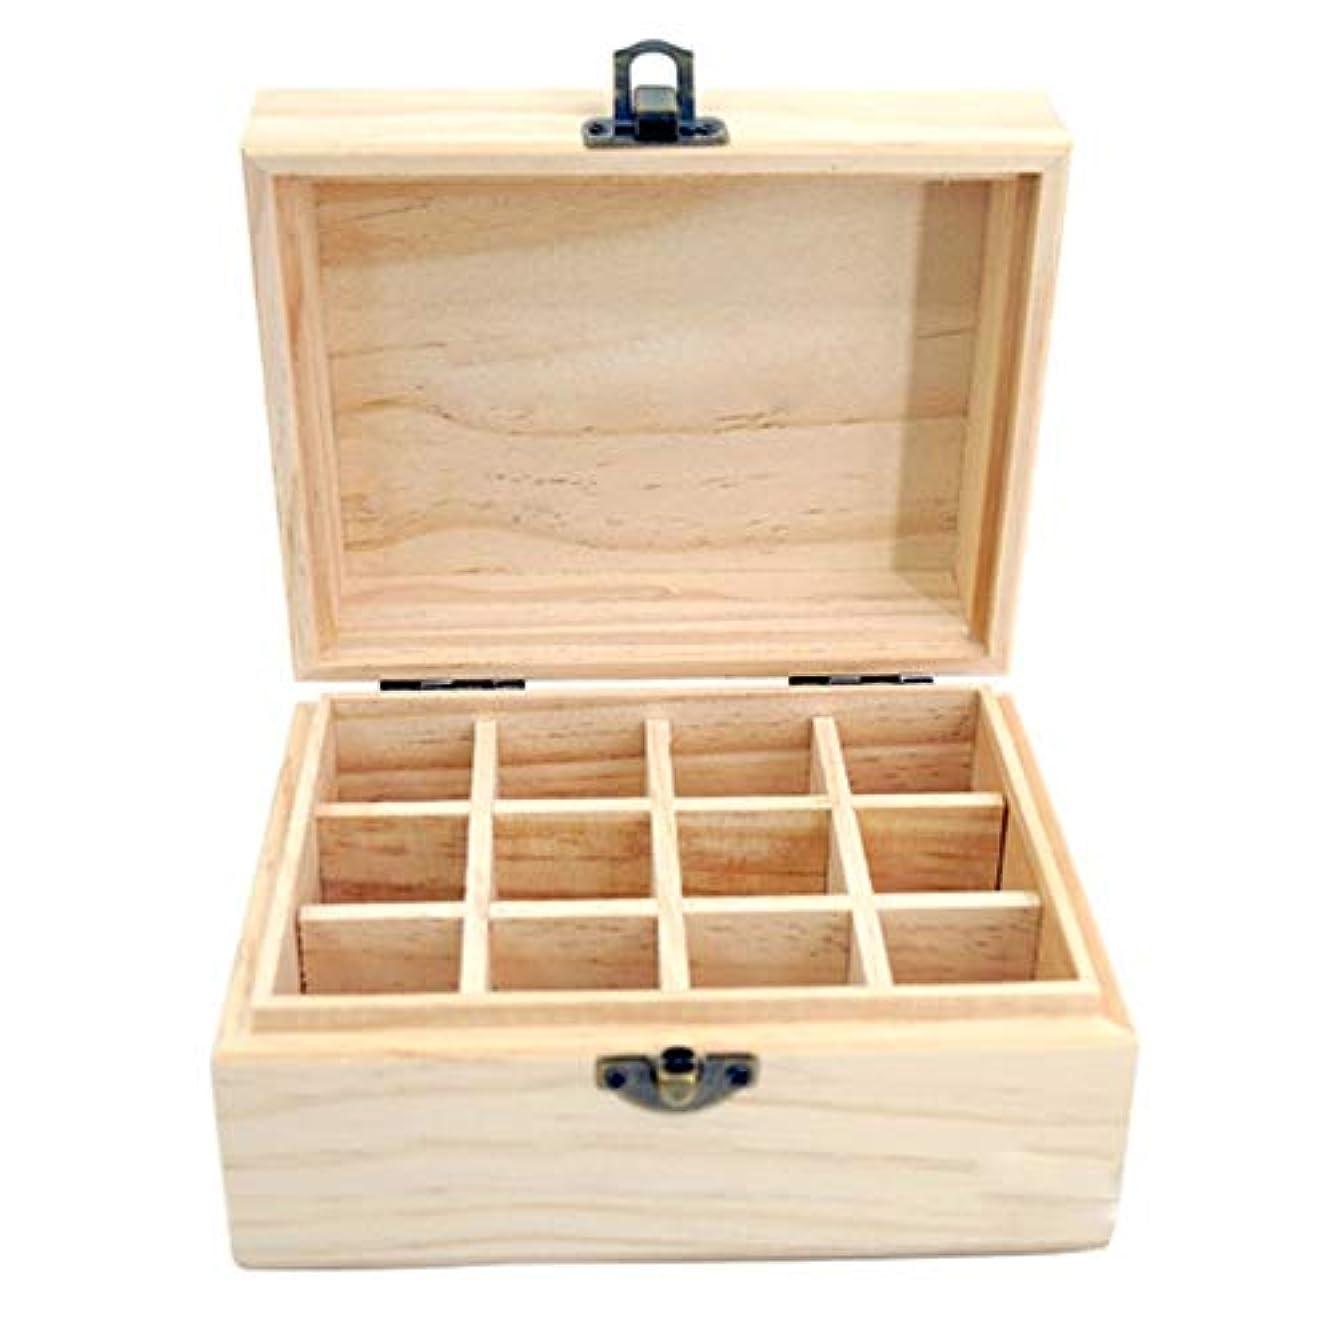 勤勉モードベテランエッセンシャルオイルの保管 12スロットエッセンシャルオイル木箱の収納ケースは、あなたの油安全保護さを保つ保護します (色 : Natural, サイズ : 15X11.5X8CM)